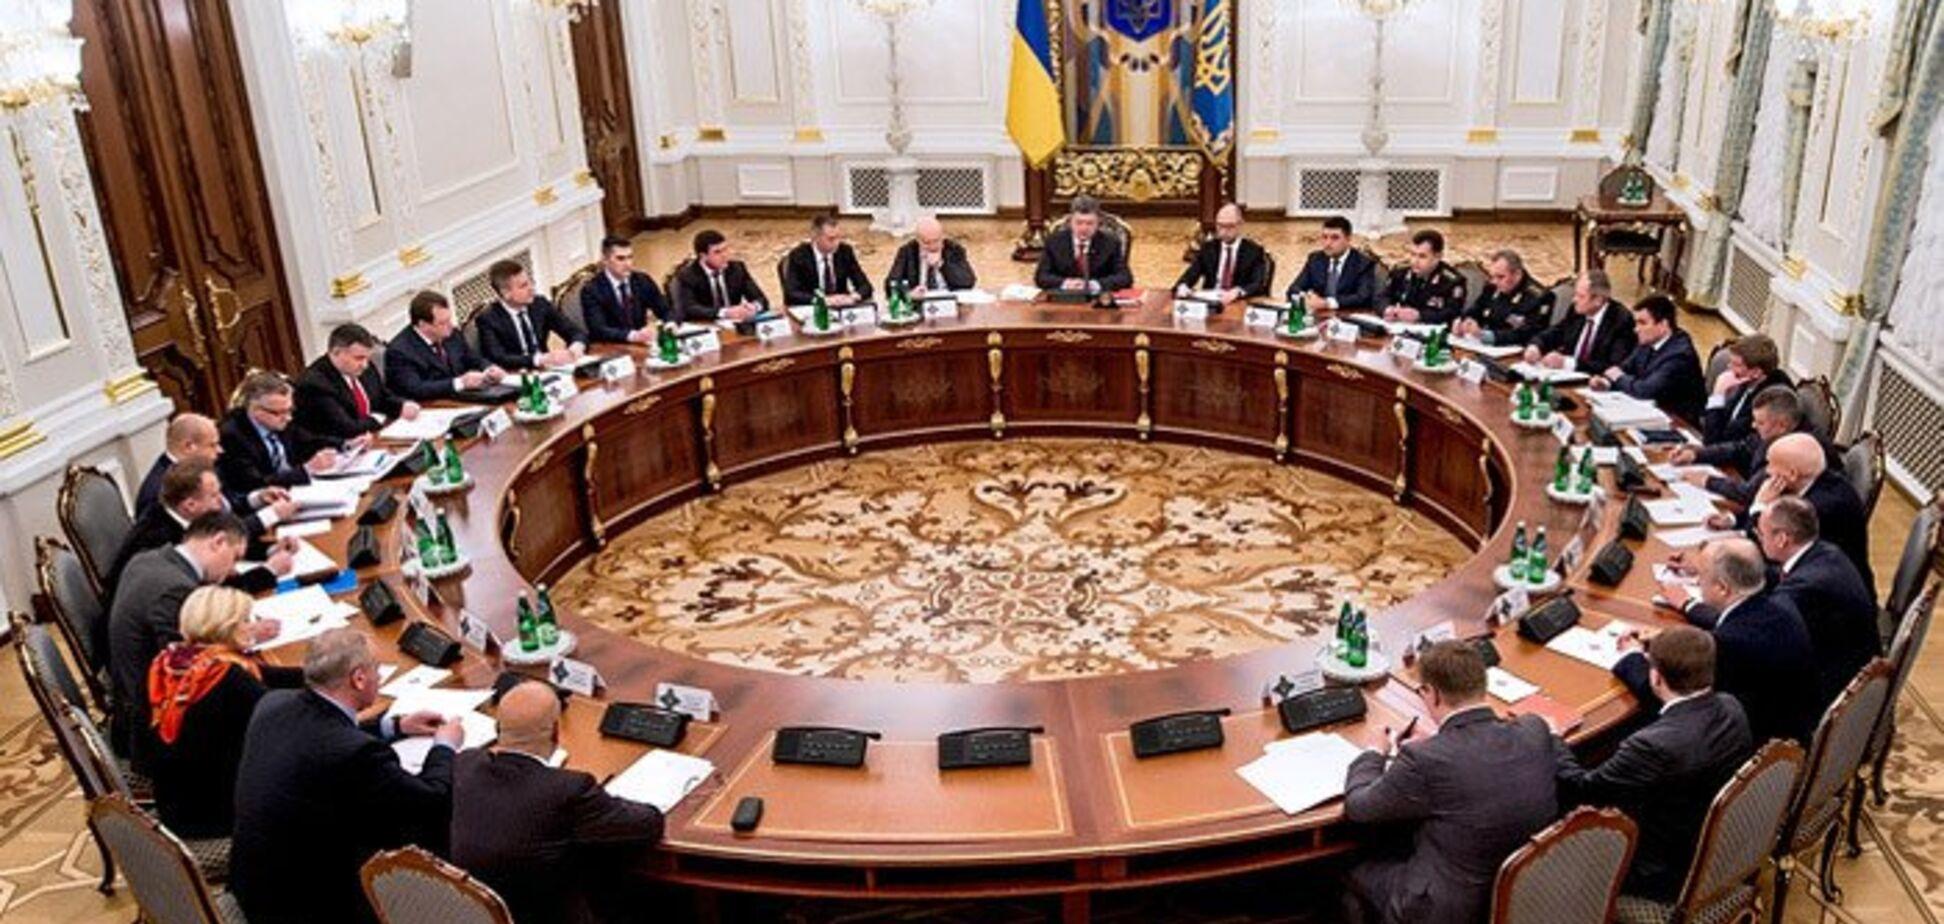 Засідання РНБО через агресію РФ в Азовському морі: повне відео